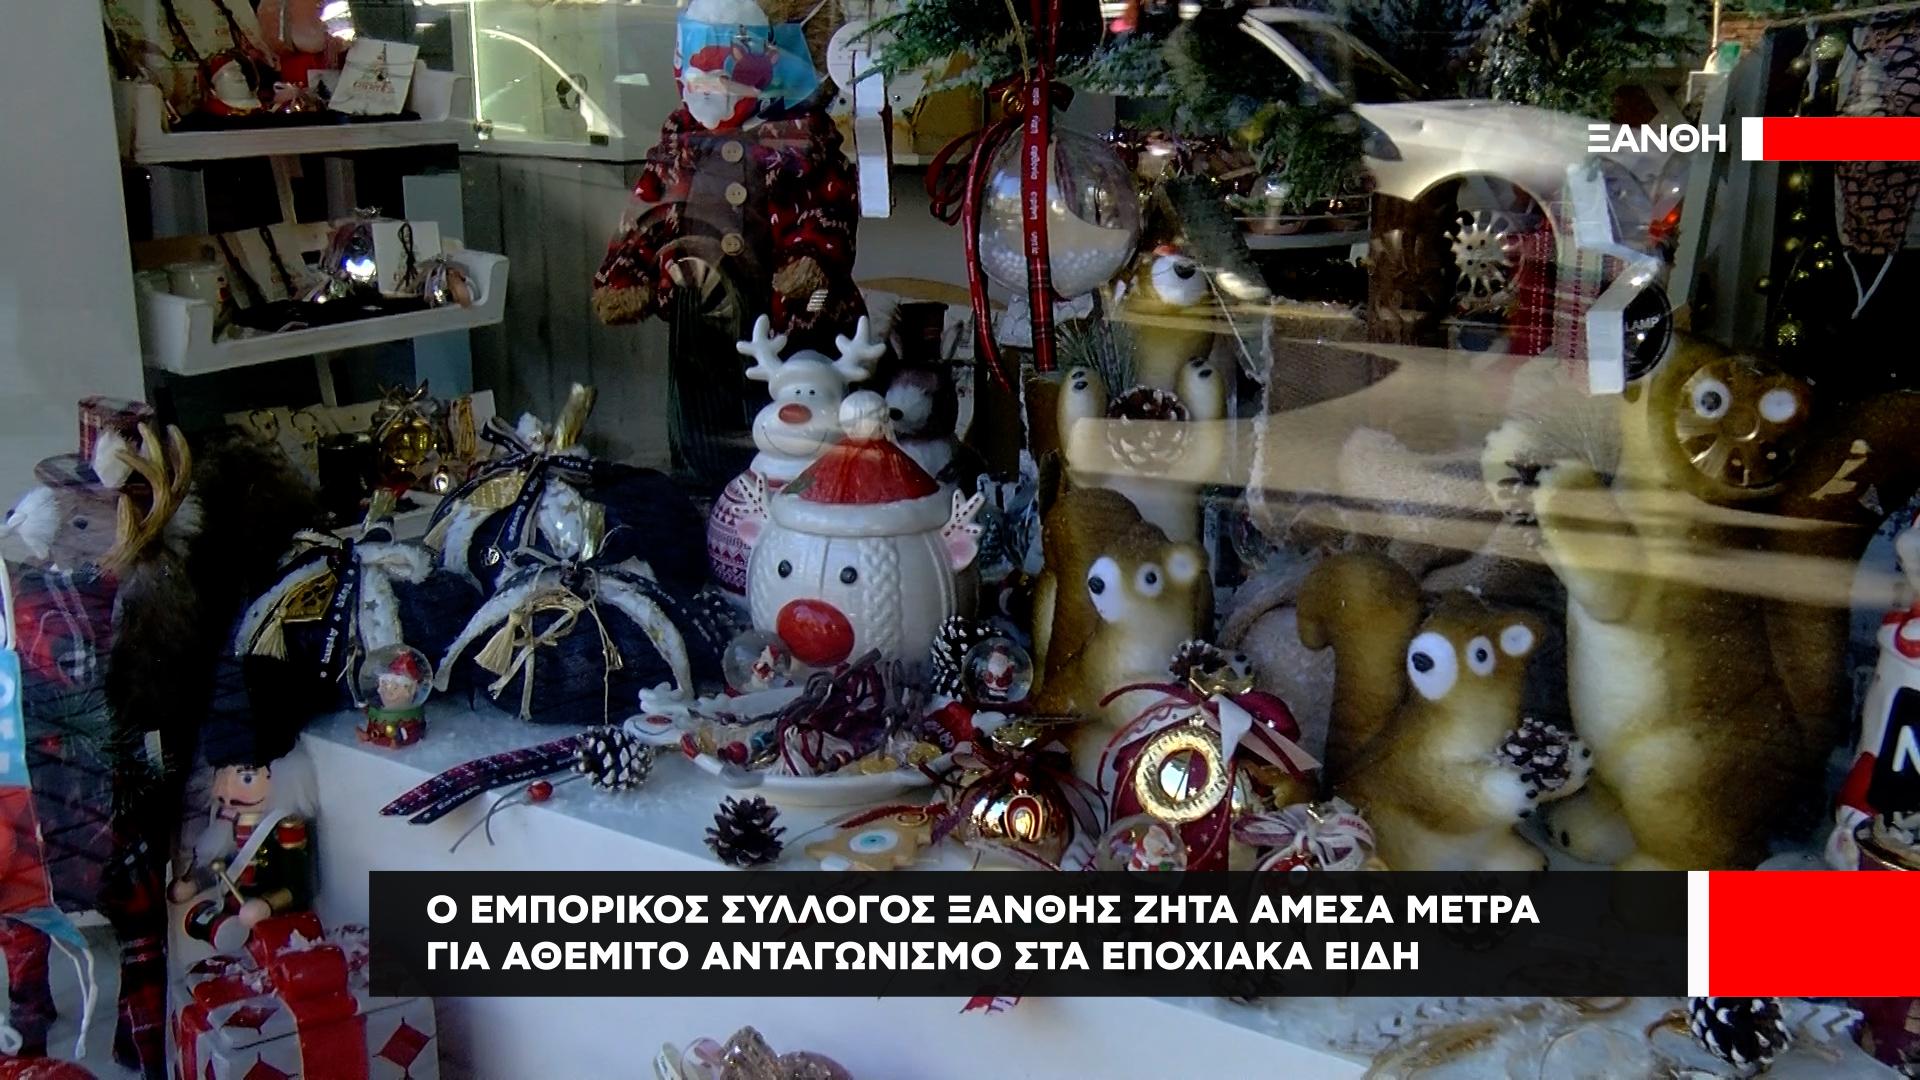 """Εμπορικός Ξάνθης: """"Αθέμιτος ανταγωνισμός για τα χριστουγεννιάτικα"""" - ΒΙΝΤΕΟ"""